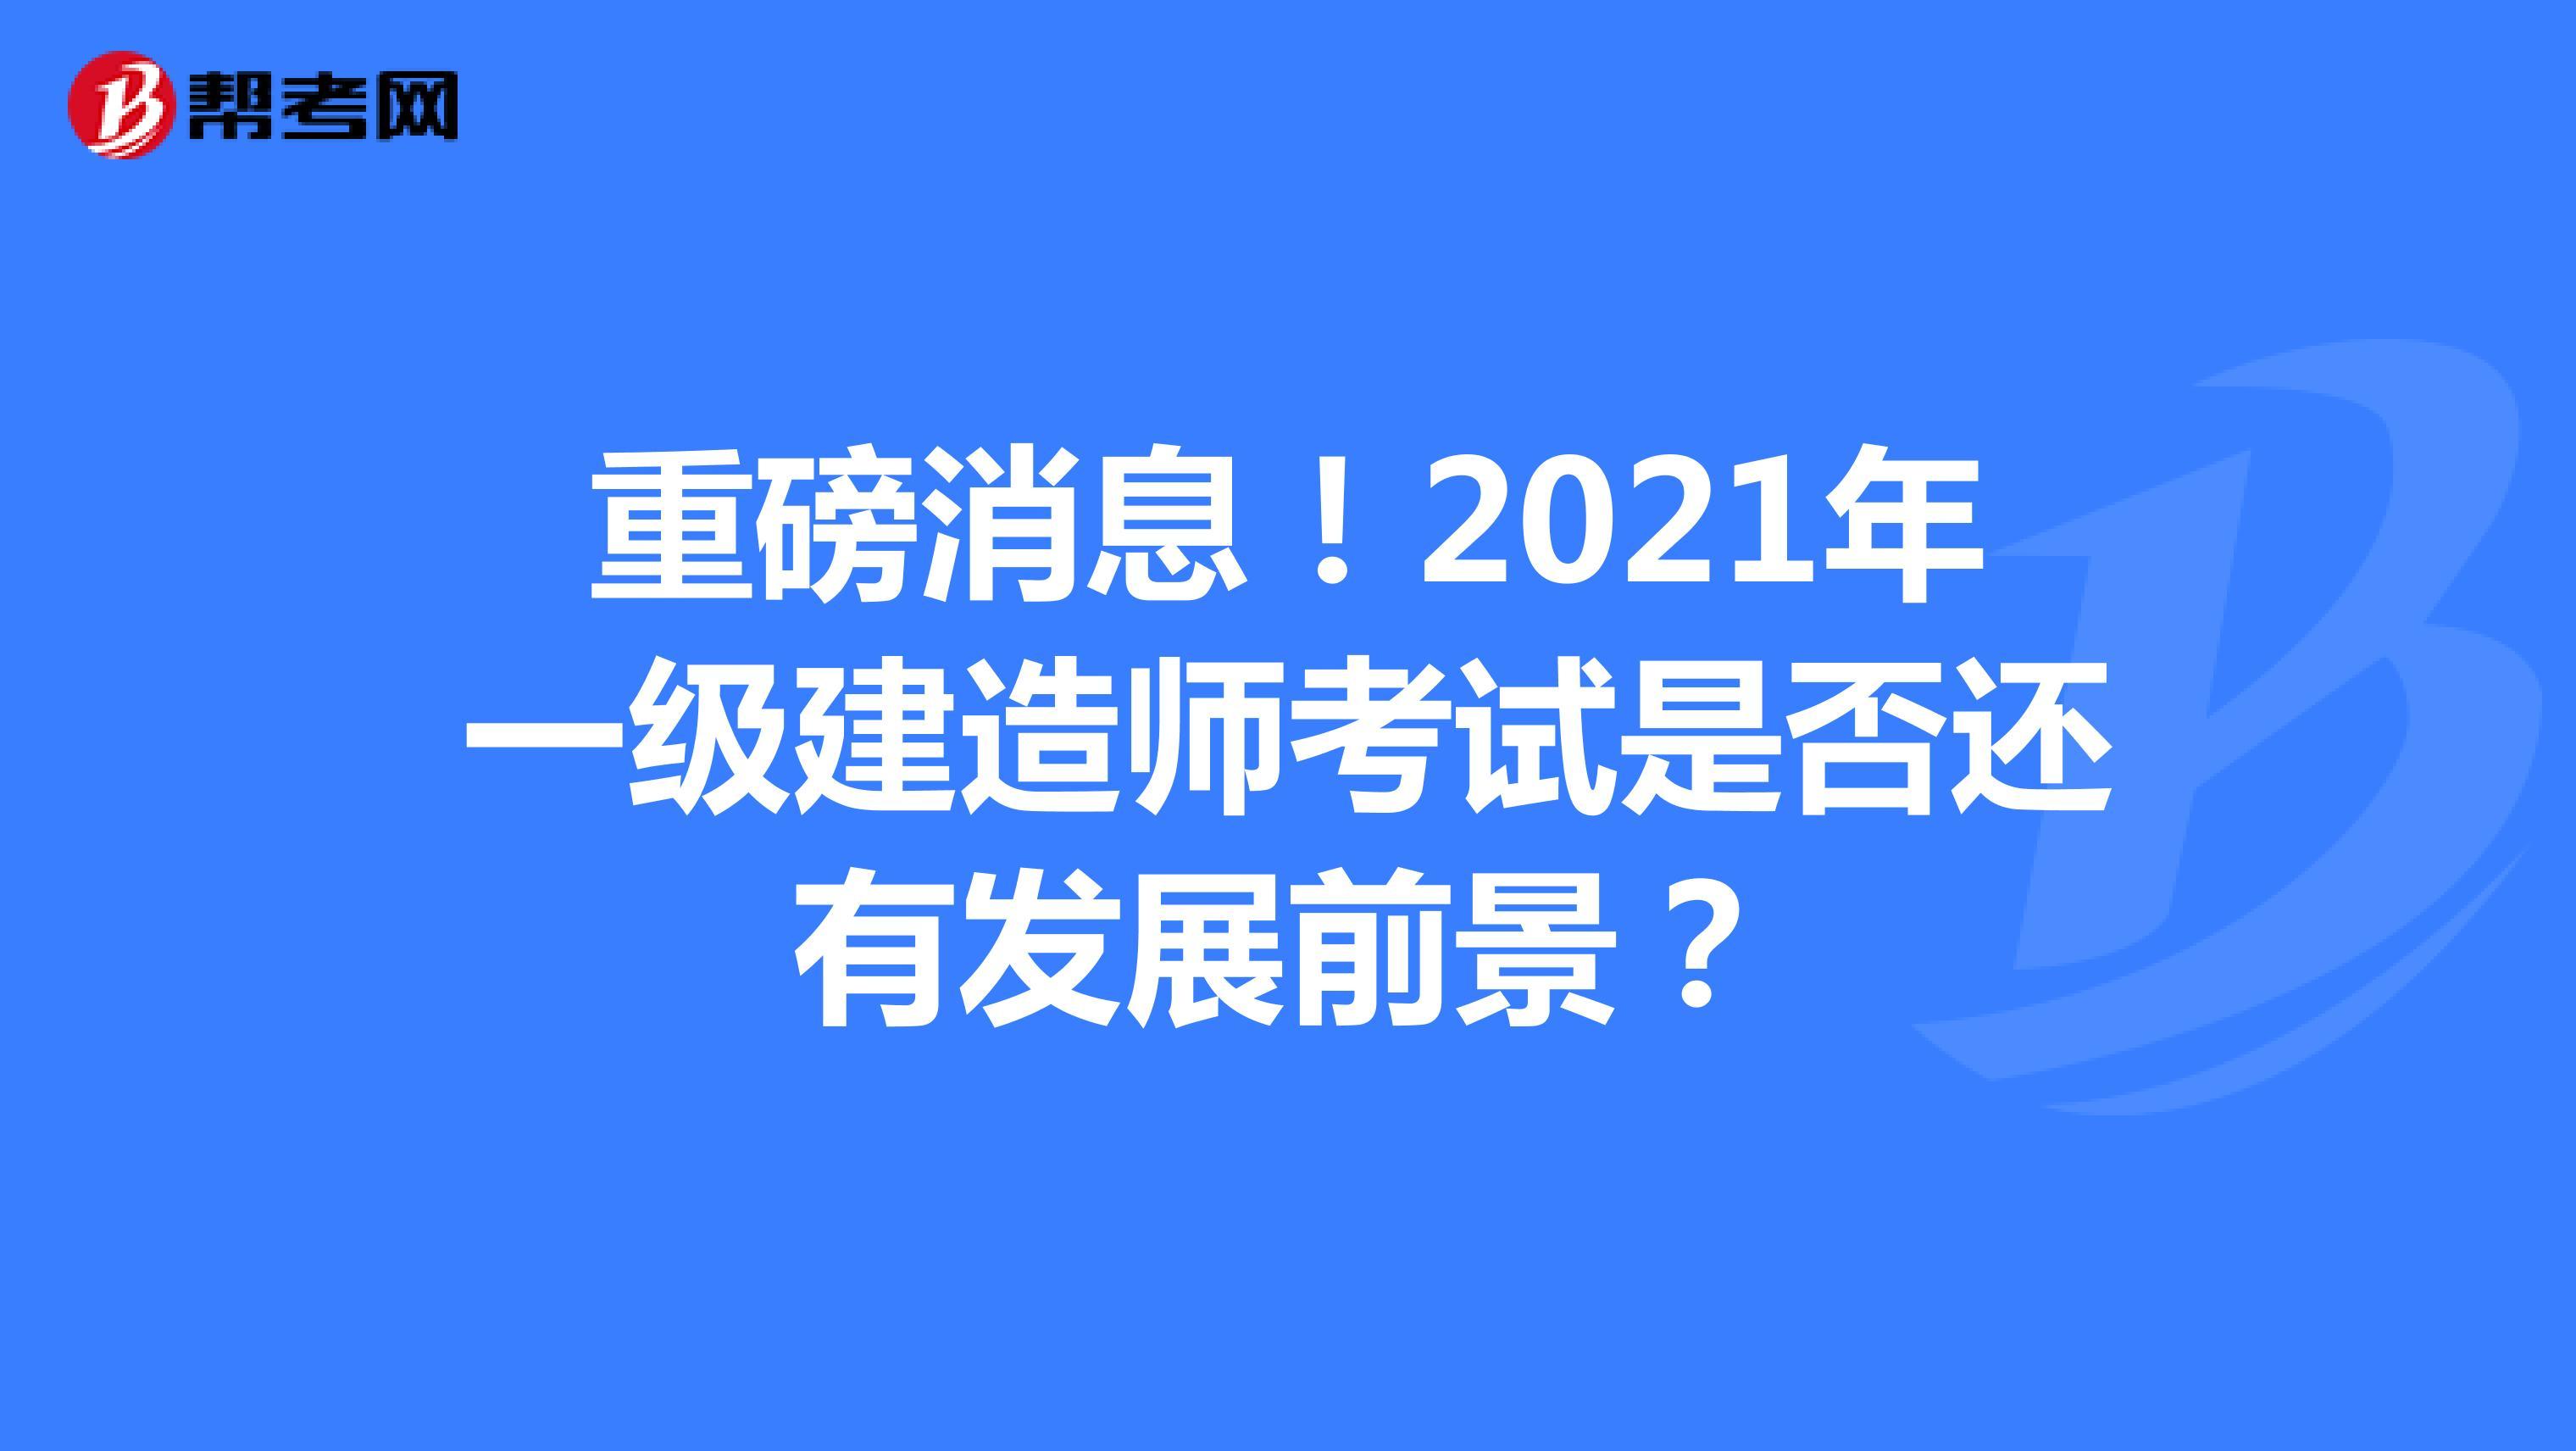 重磅消息!2021年一级建造师考试是否还有发展前景?